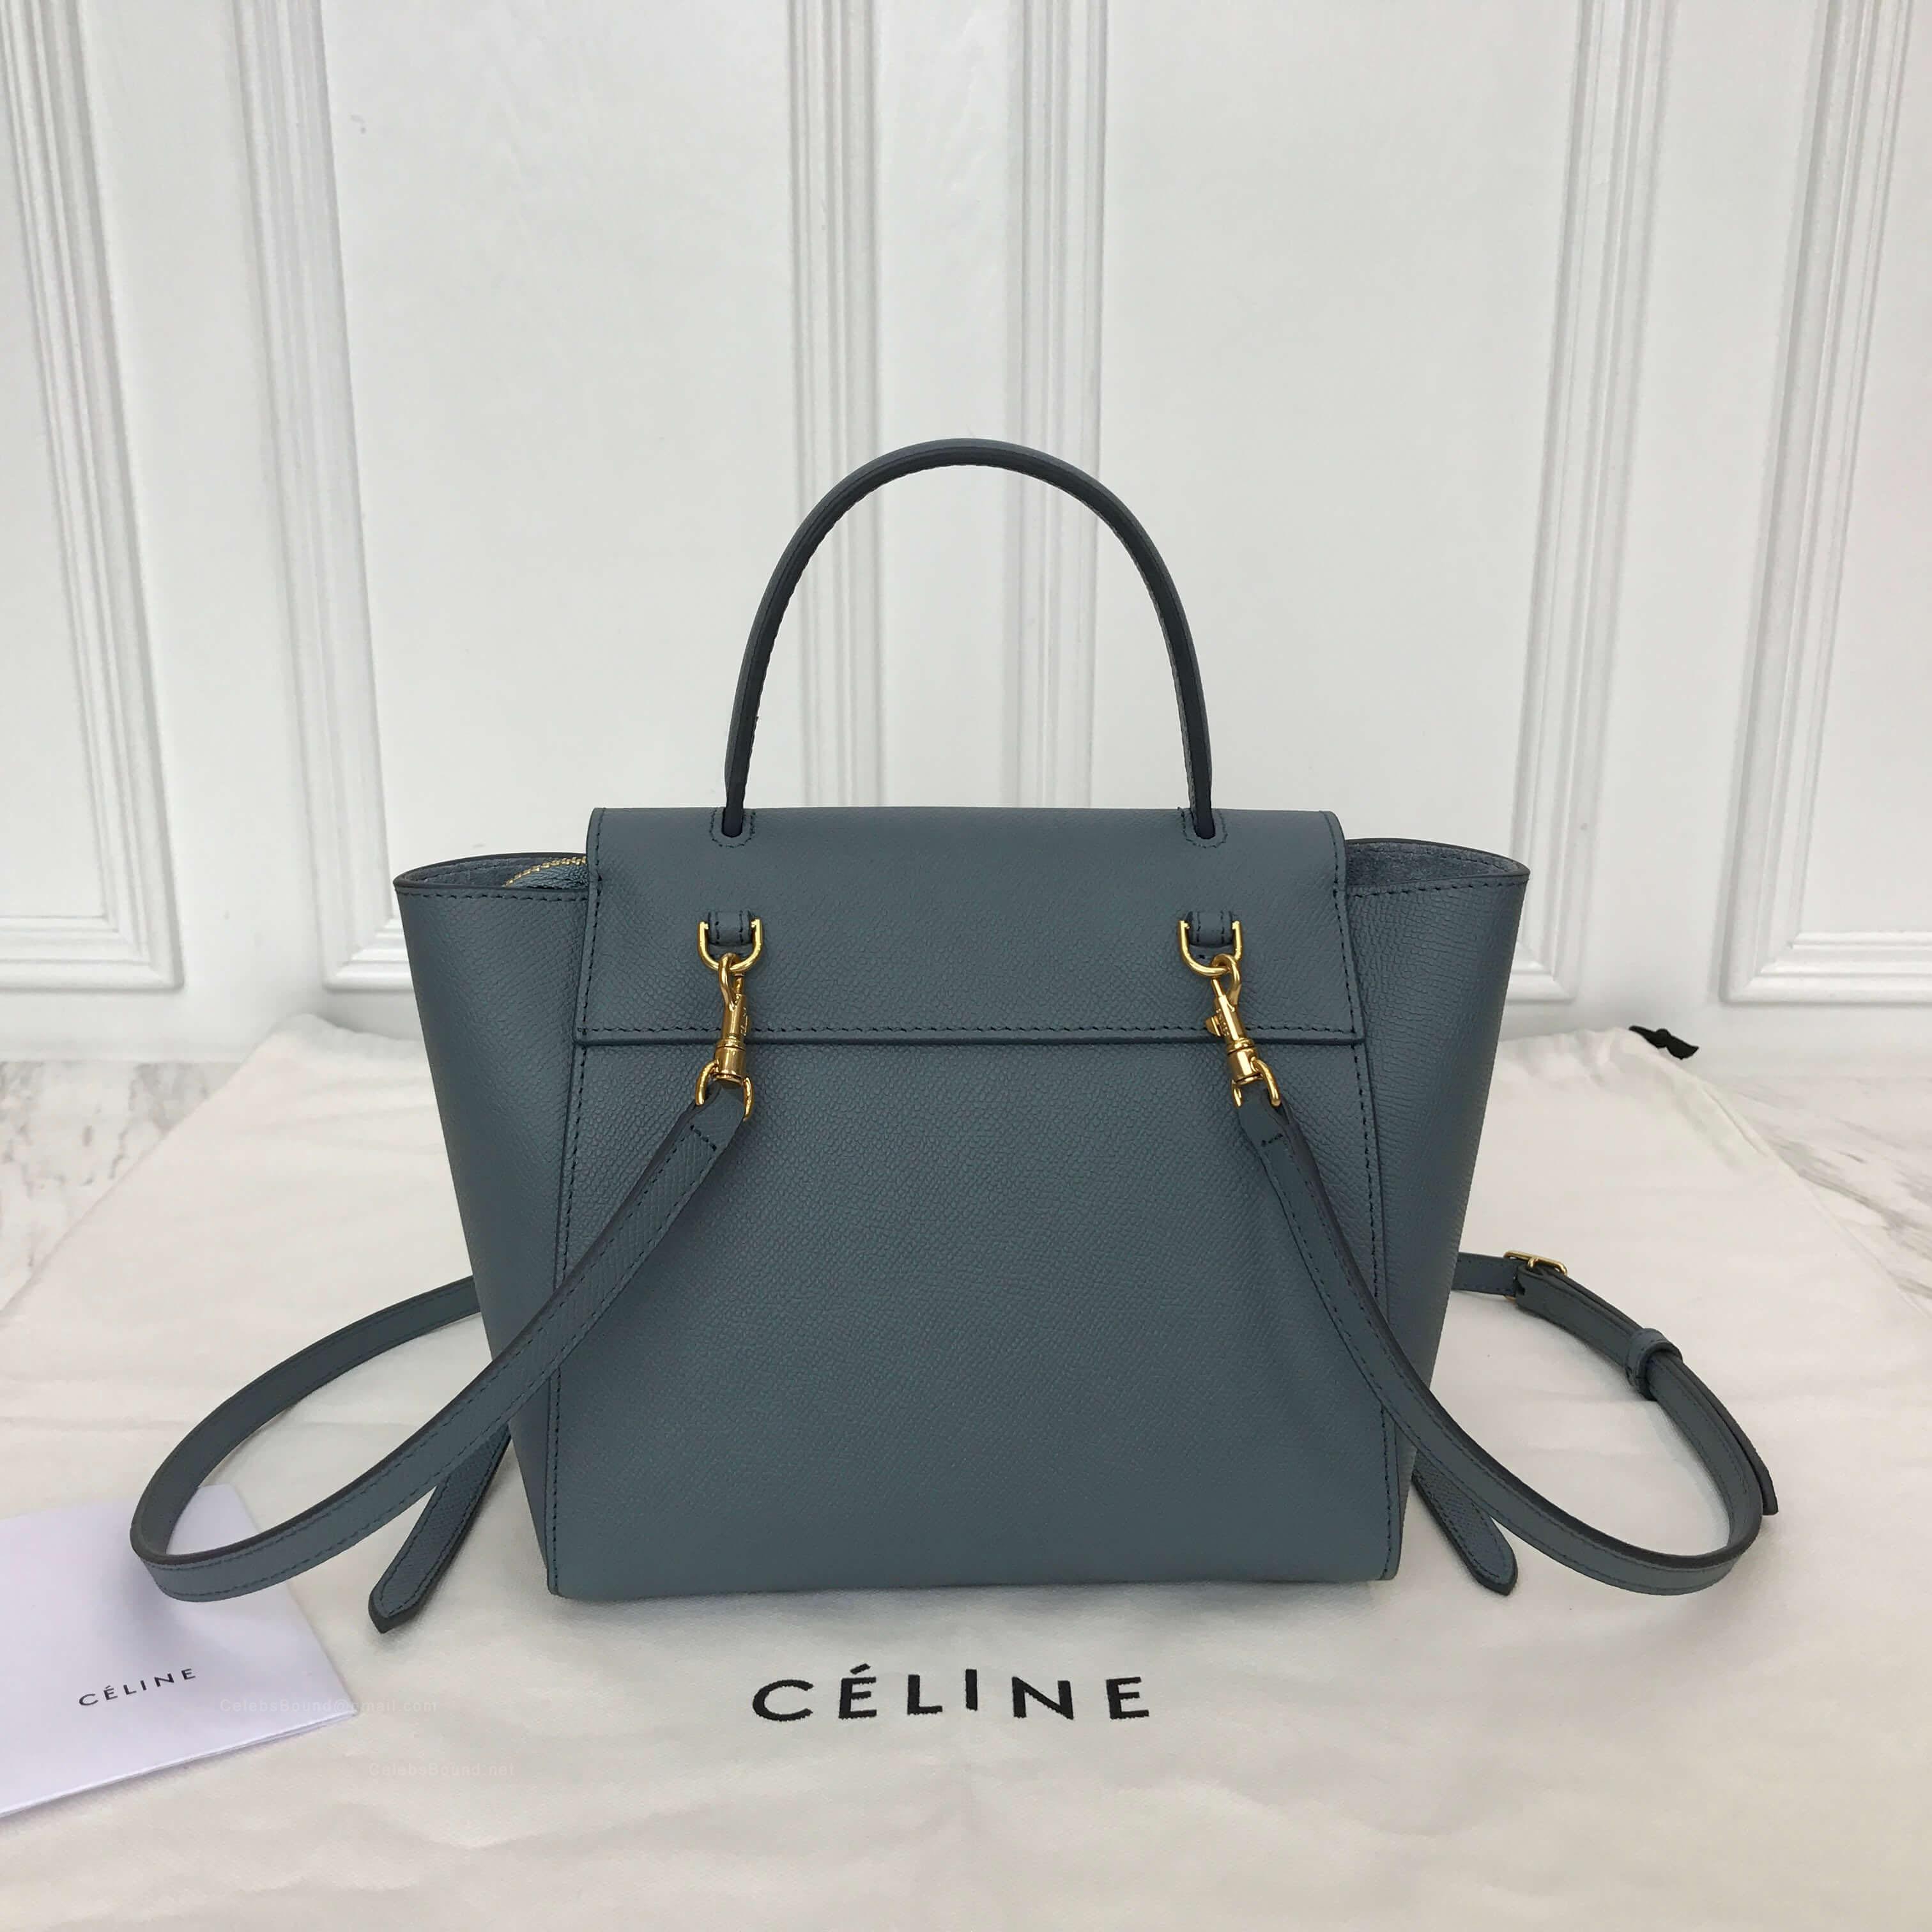 Celine Nano Belt Bag In Cloud Blue Grained Calfskin